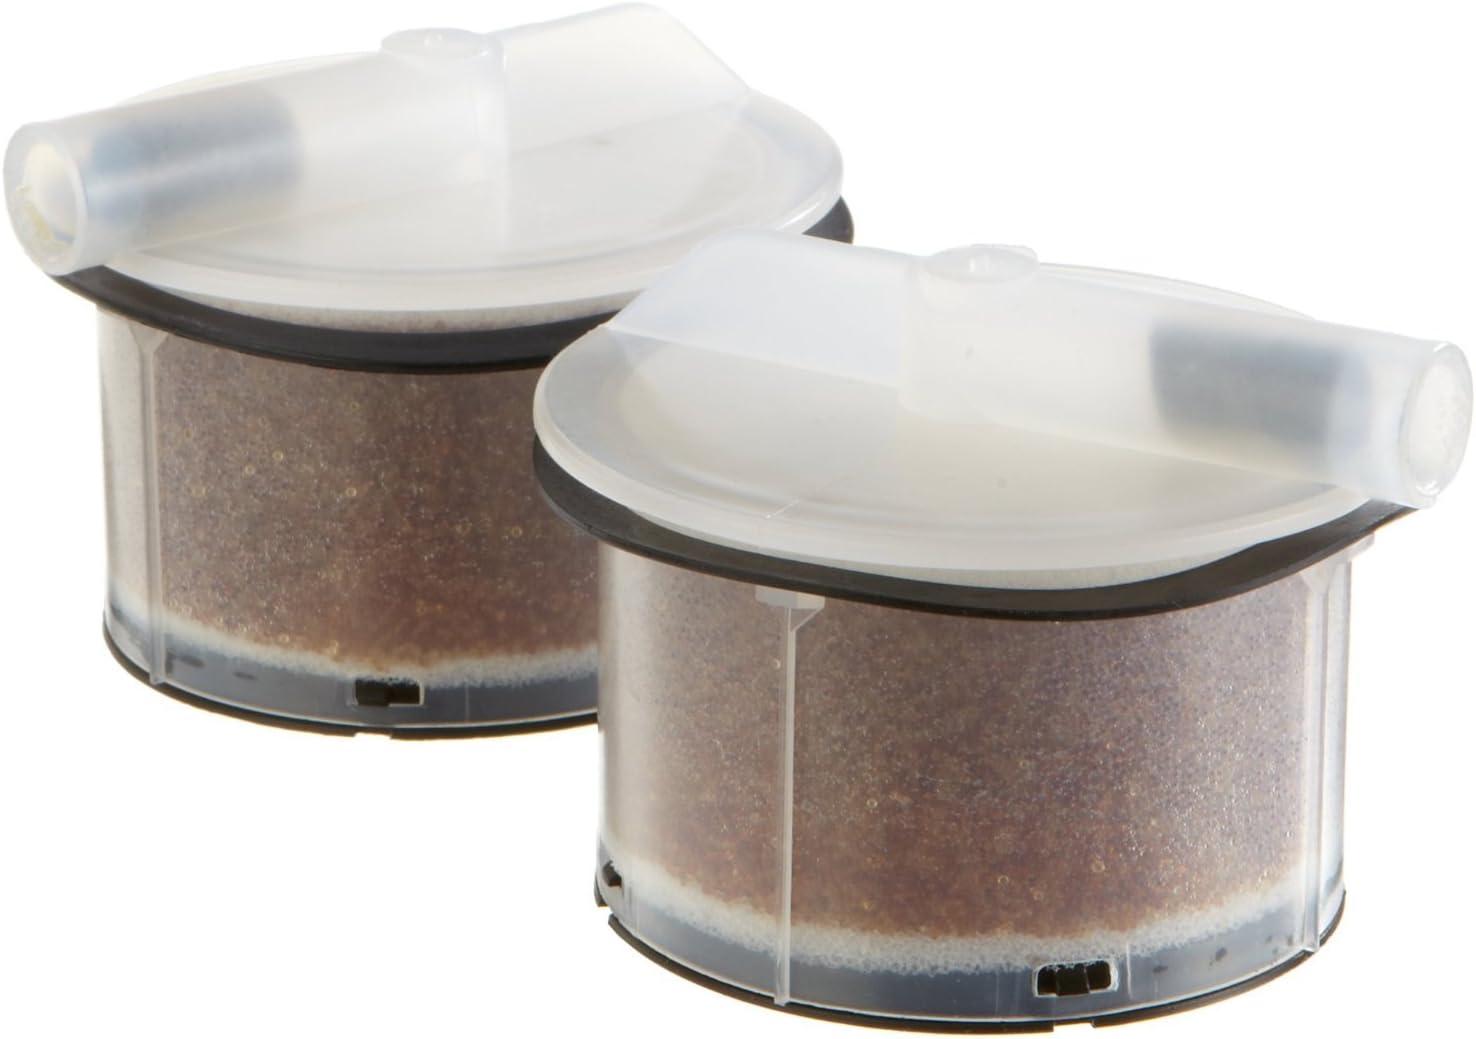 Frister & Rossman Lily - Filtros de presión de vapor antical (2 unidades), evita la escalada del generador de vapor: Amazon.es: Grandes electrodomésticos